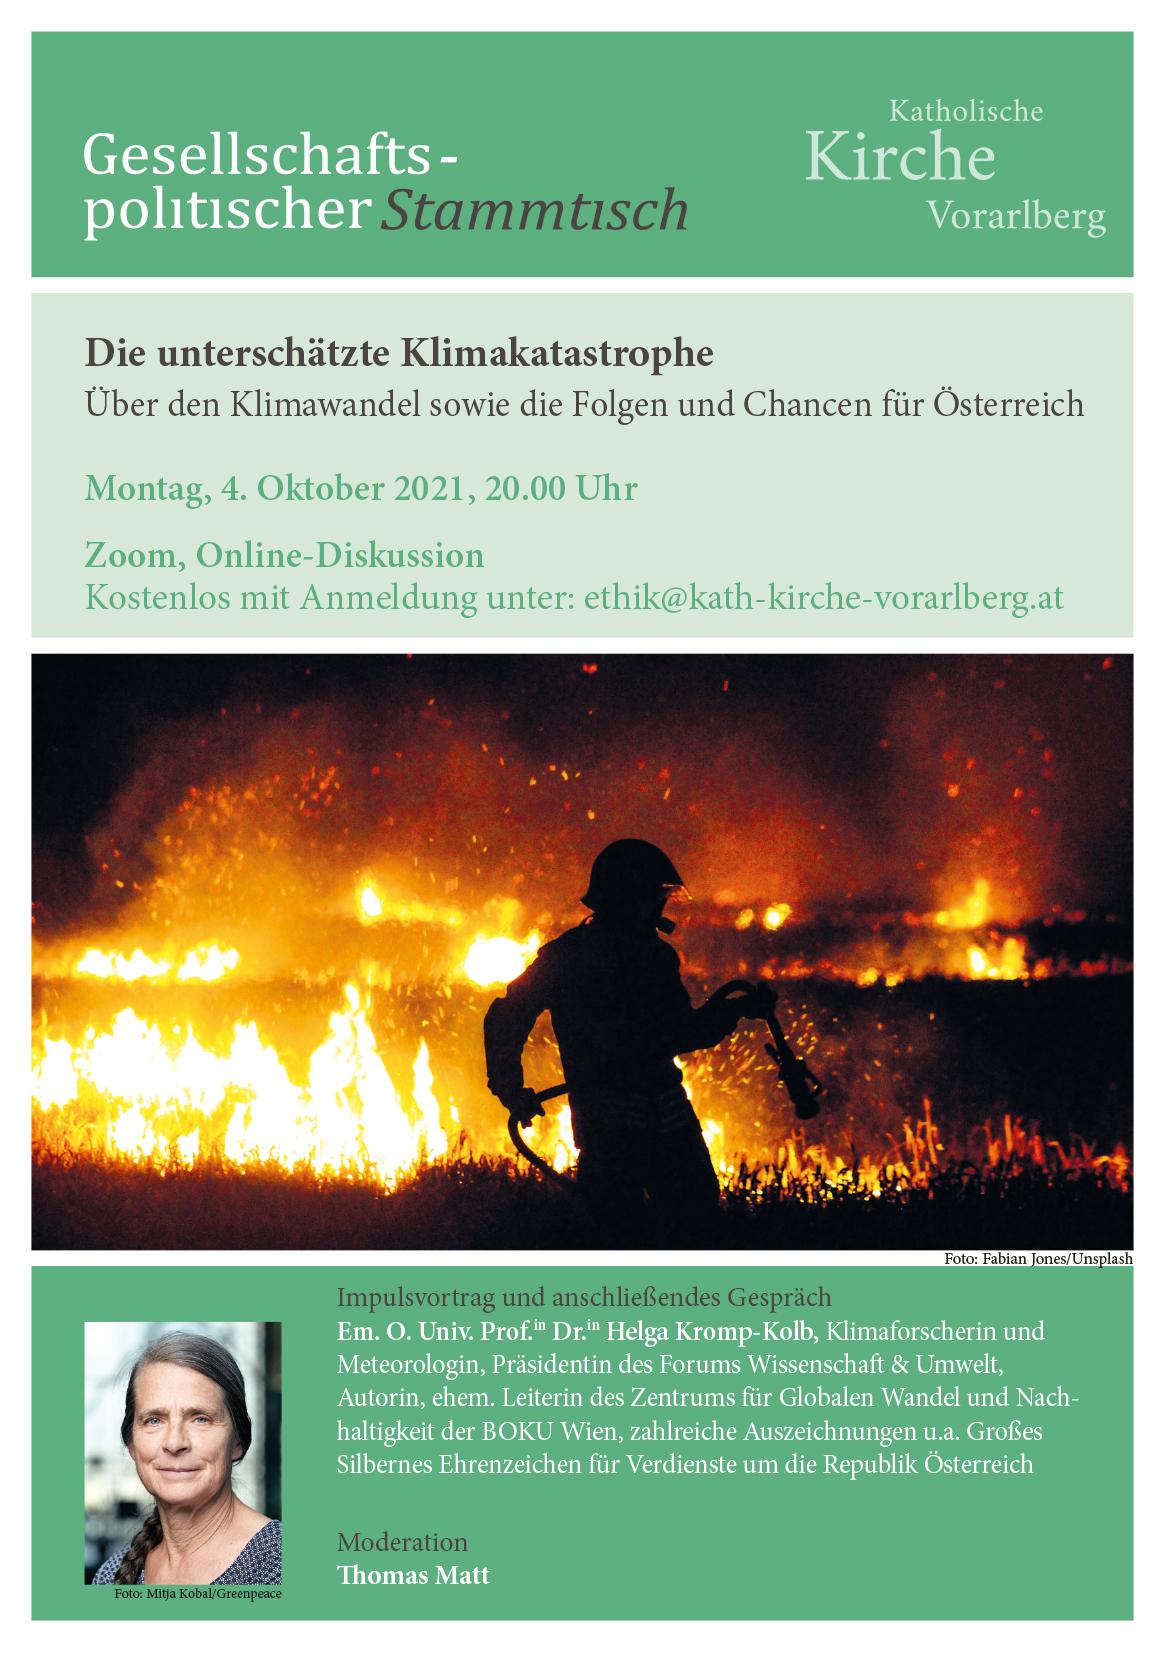 Online-Diskussion: Die unterschätzte Klimakatastrophe